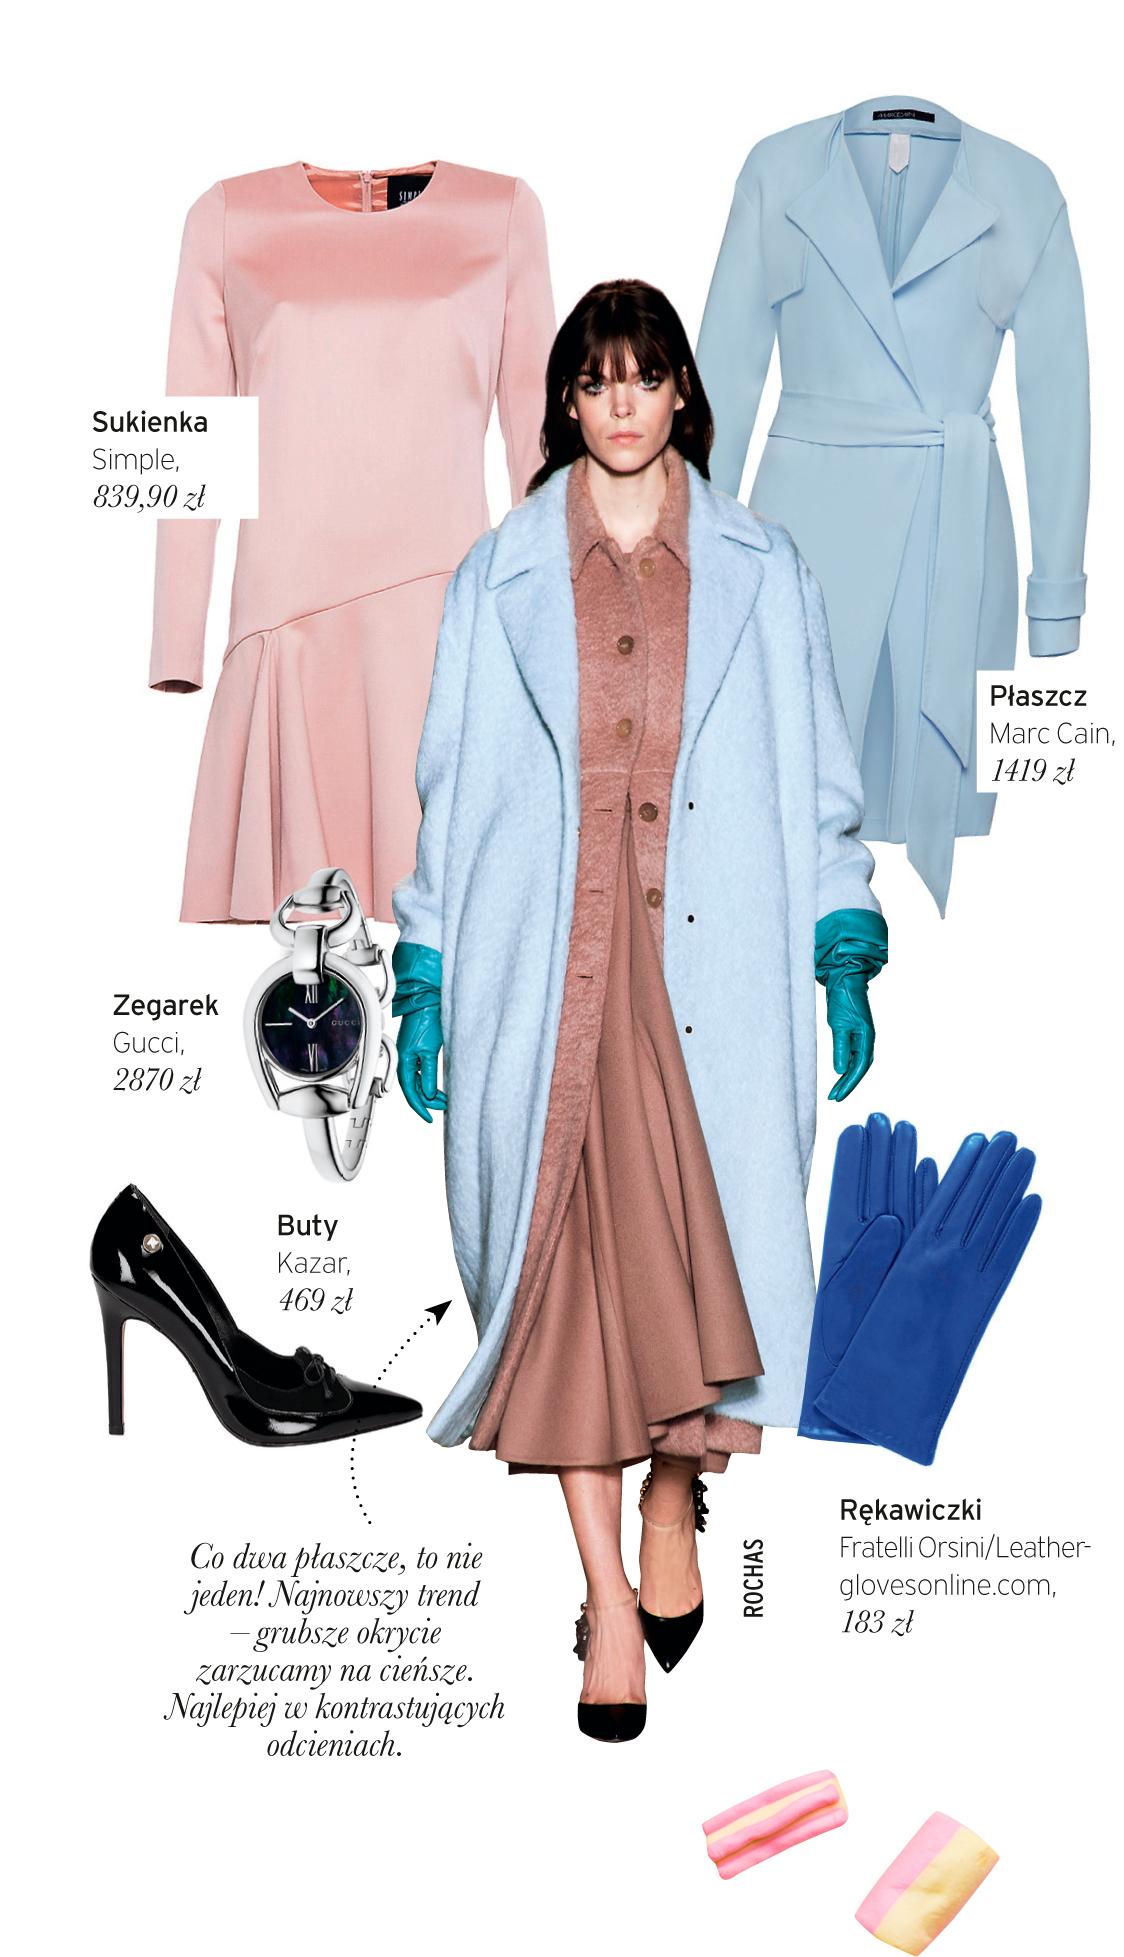 ccb269dc29621 Pastele - jak je nosić  - Elle.pl - trendy wiosna lato 2019  moda ...